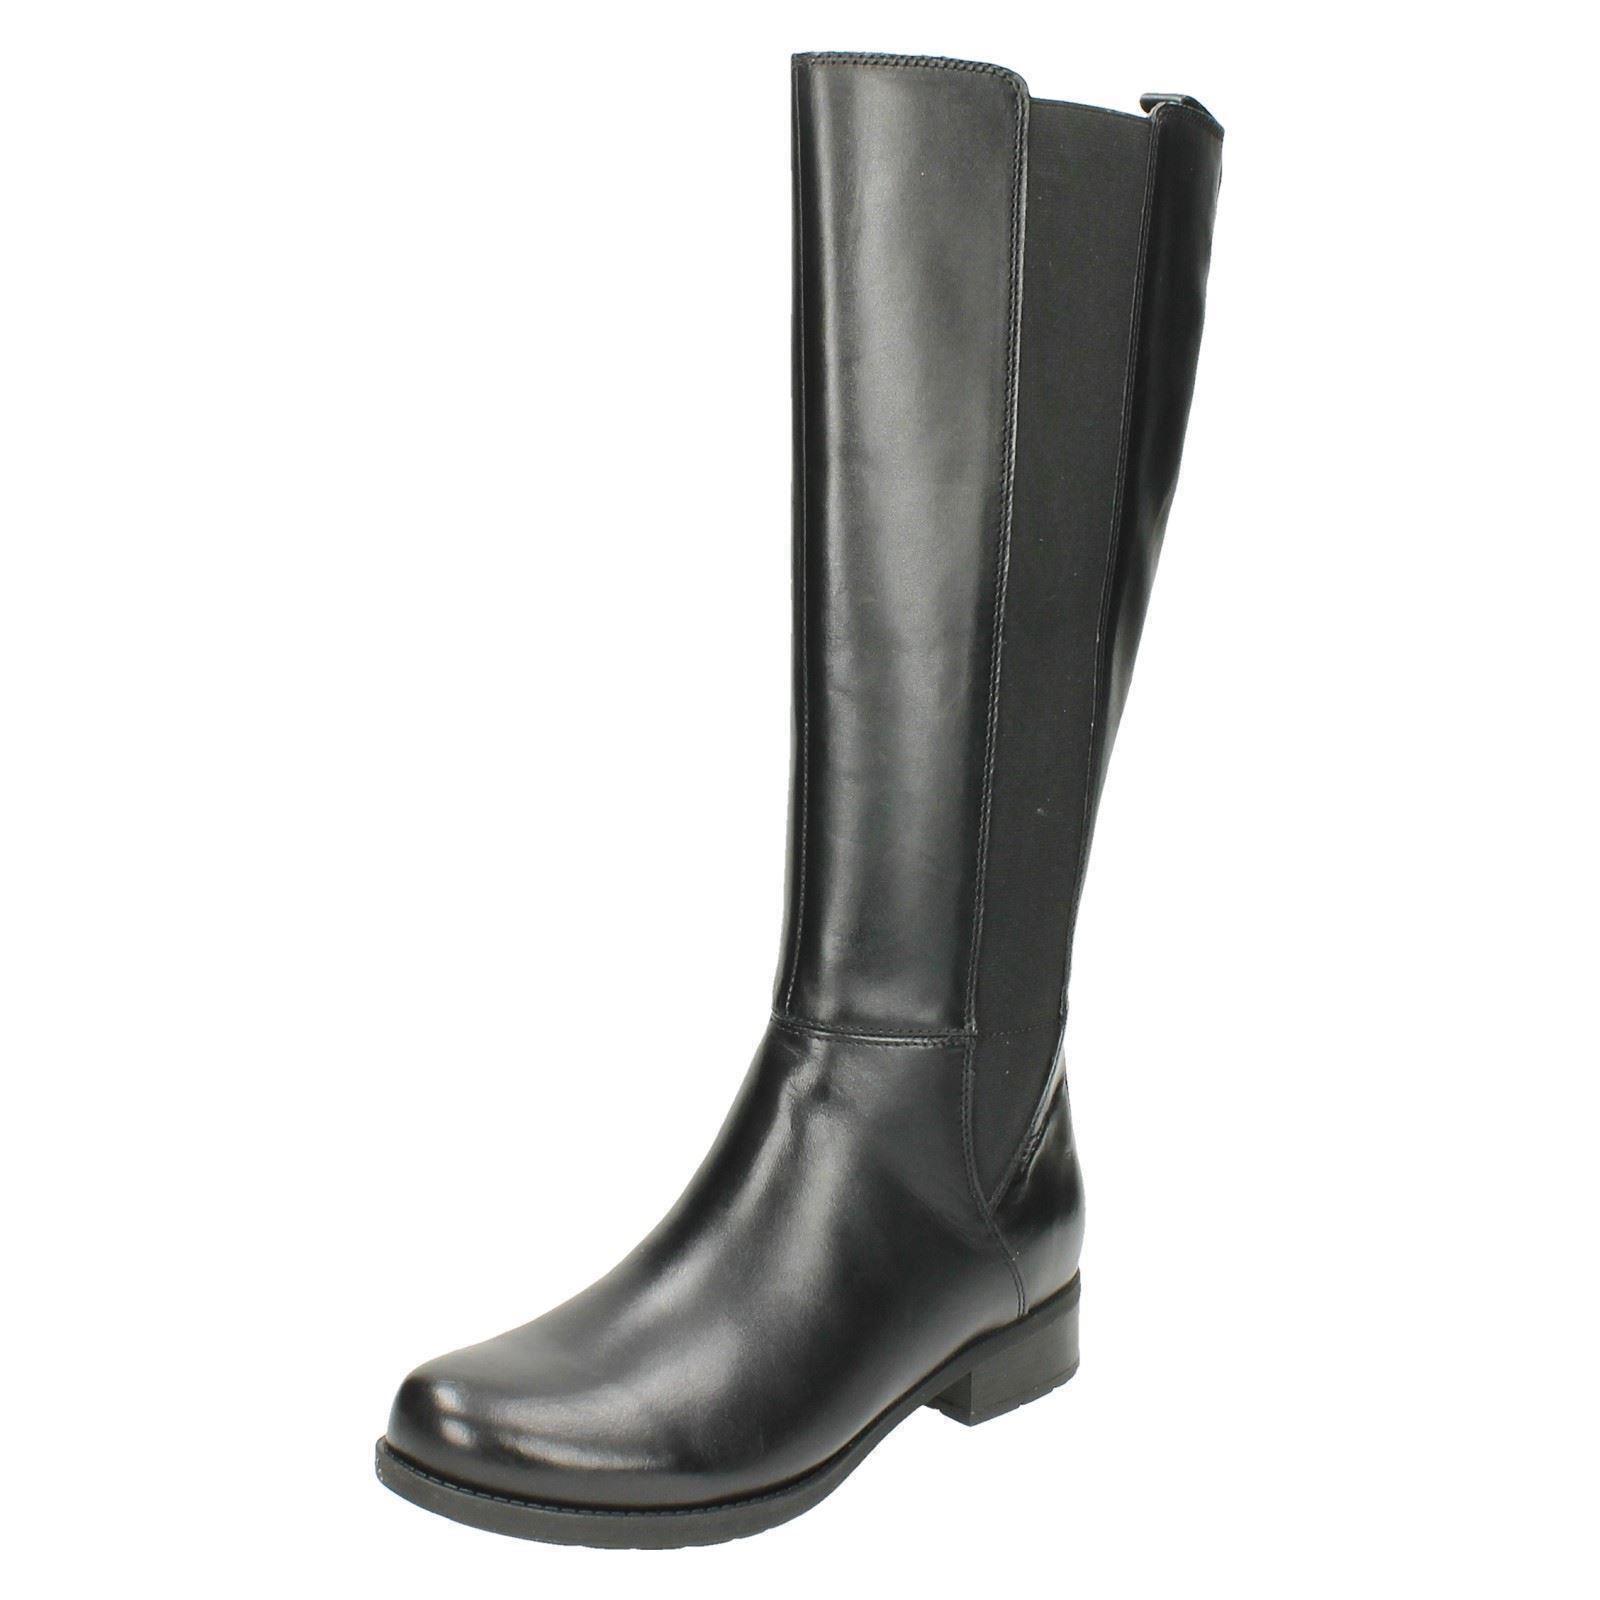 LADIES CLARKS LEATHER LONG LEG ZIP ELASTIC VERLIE LOW HEEL WINTER Stiefel VERLIE ELASTIC GAIL 14ef22